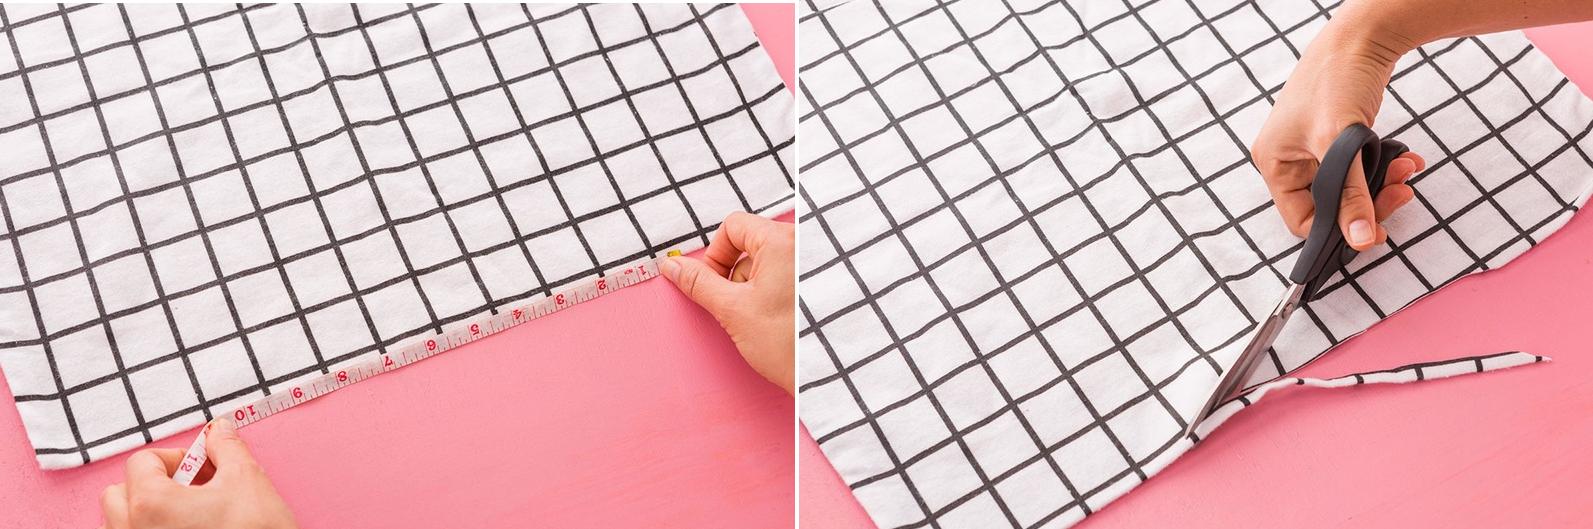 Como hacer blusas ligeras con fundas para almohadas en 3 simples pasos2